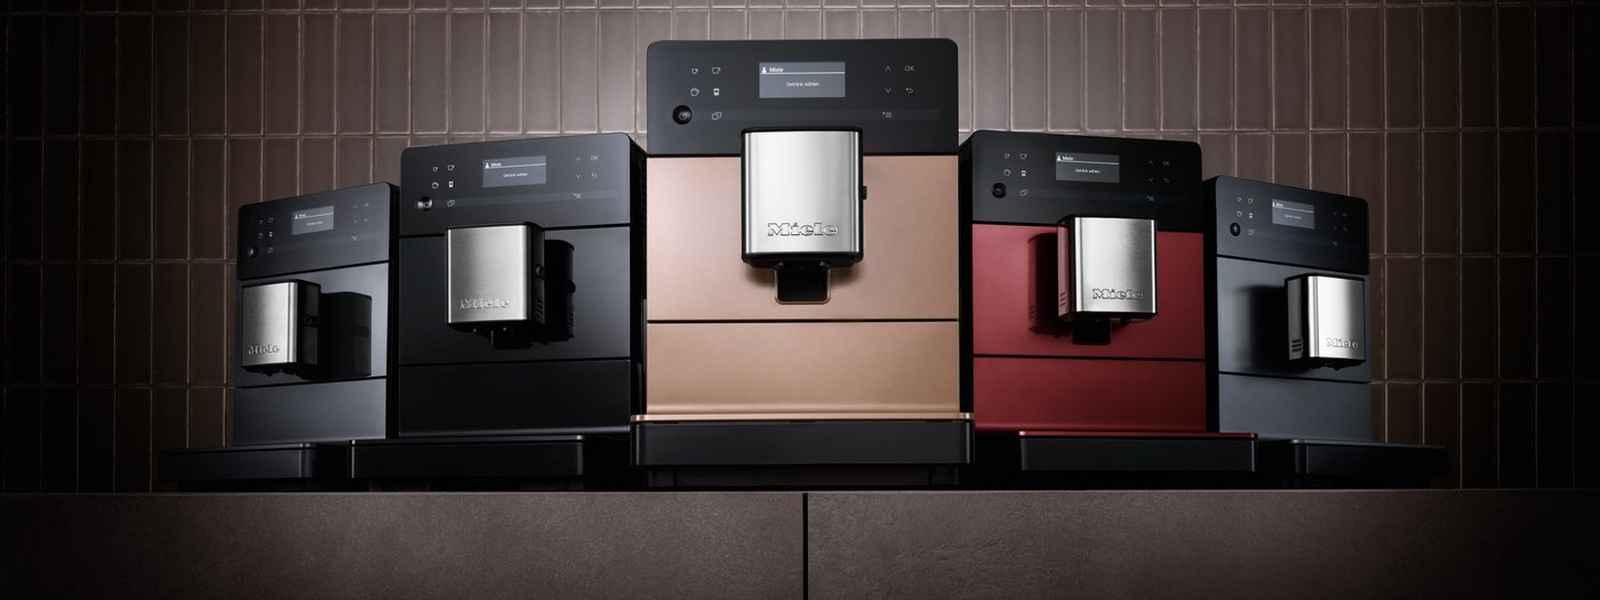 Miele Aktion Kaffeevollautomaten